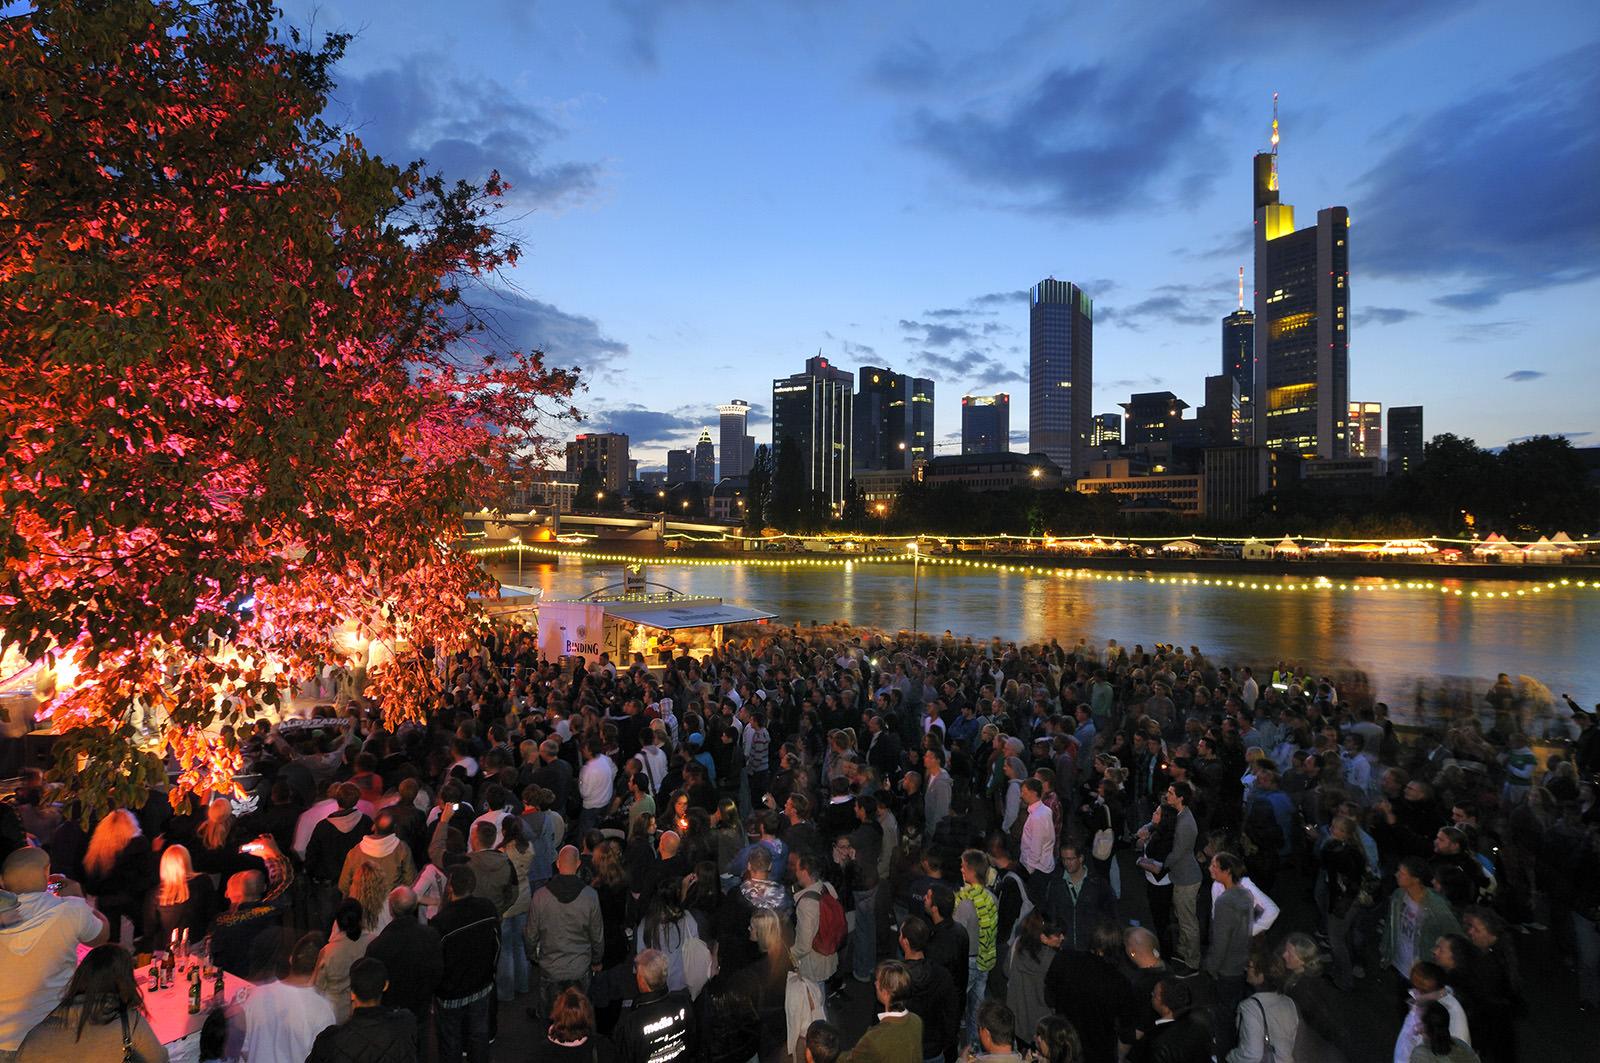 ©Tourismus+Congress GmbH Frankfurt am Main - Holger Ullmann